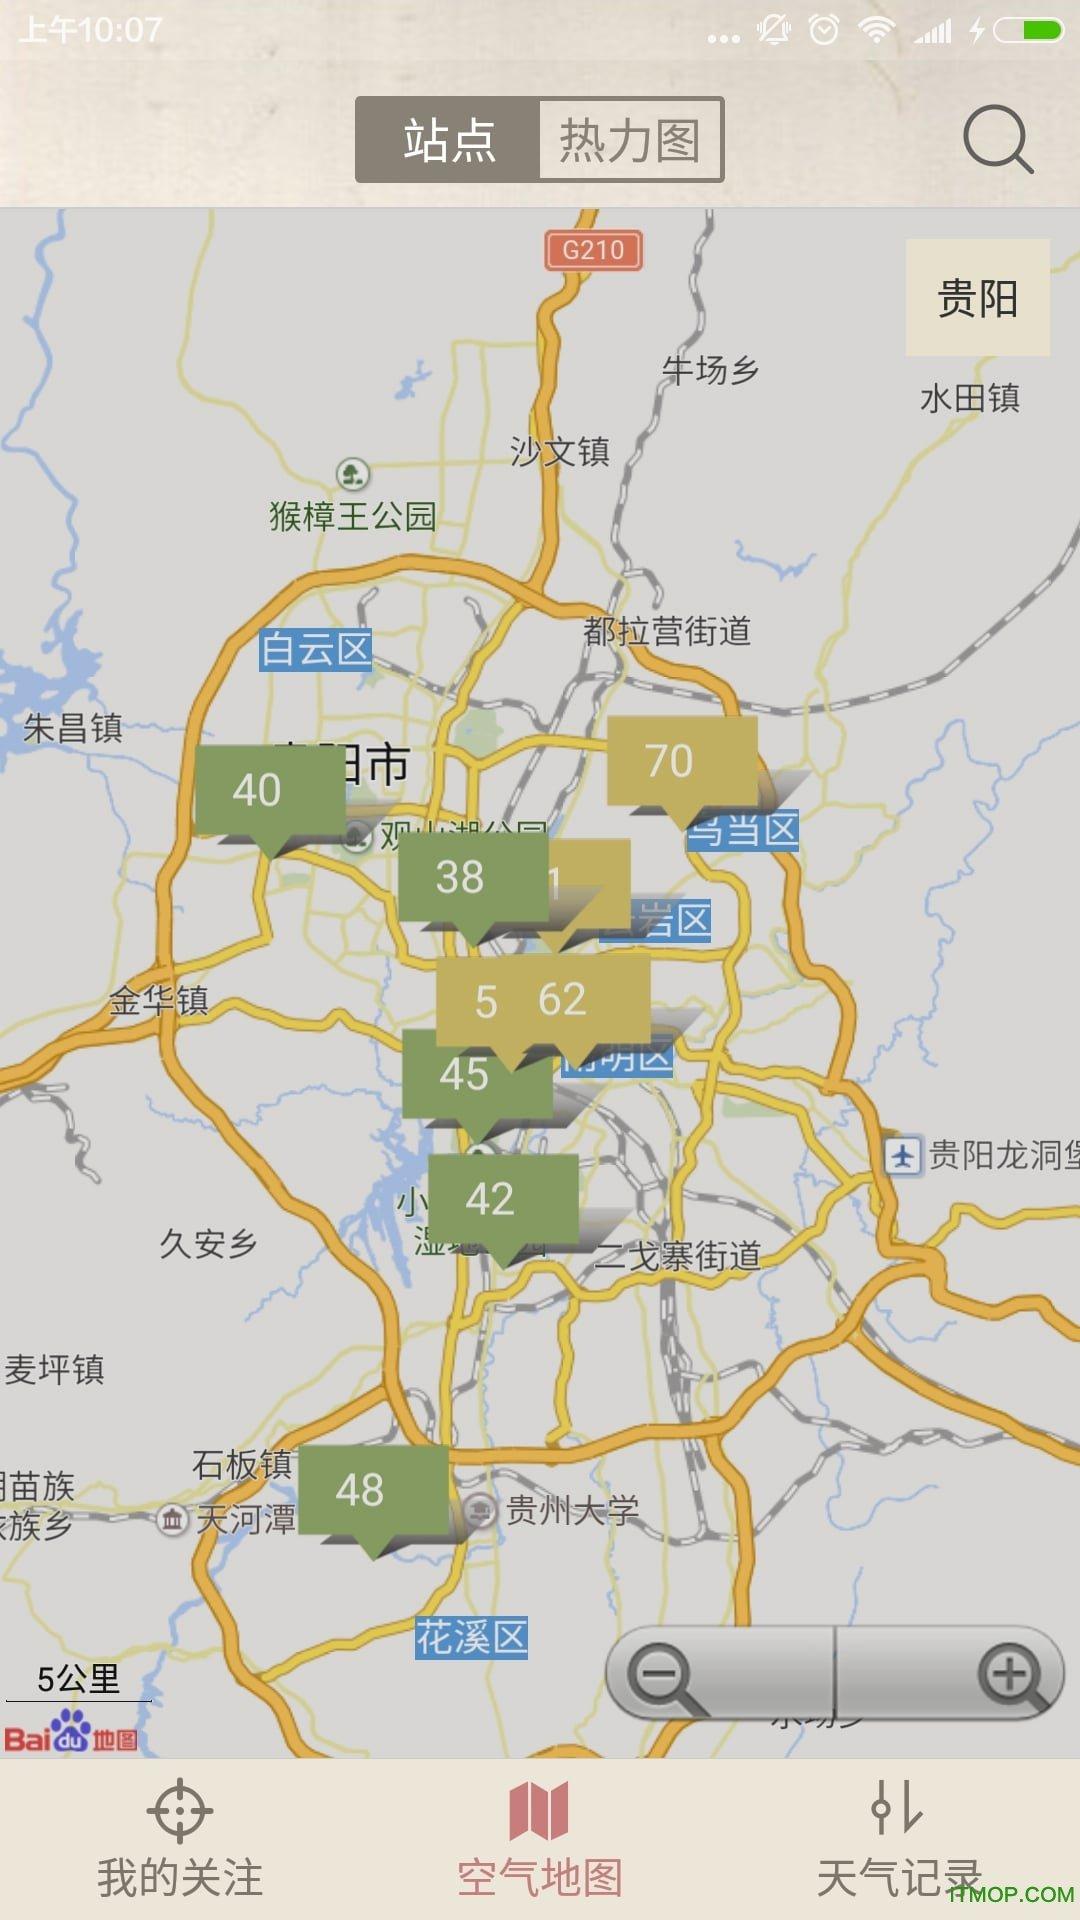 贵阳天气预报手机版 v1.2.1 安卓版3